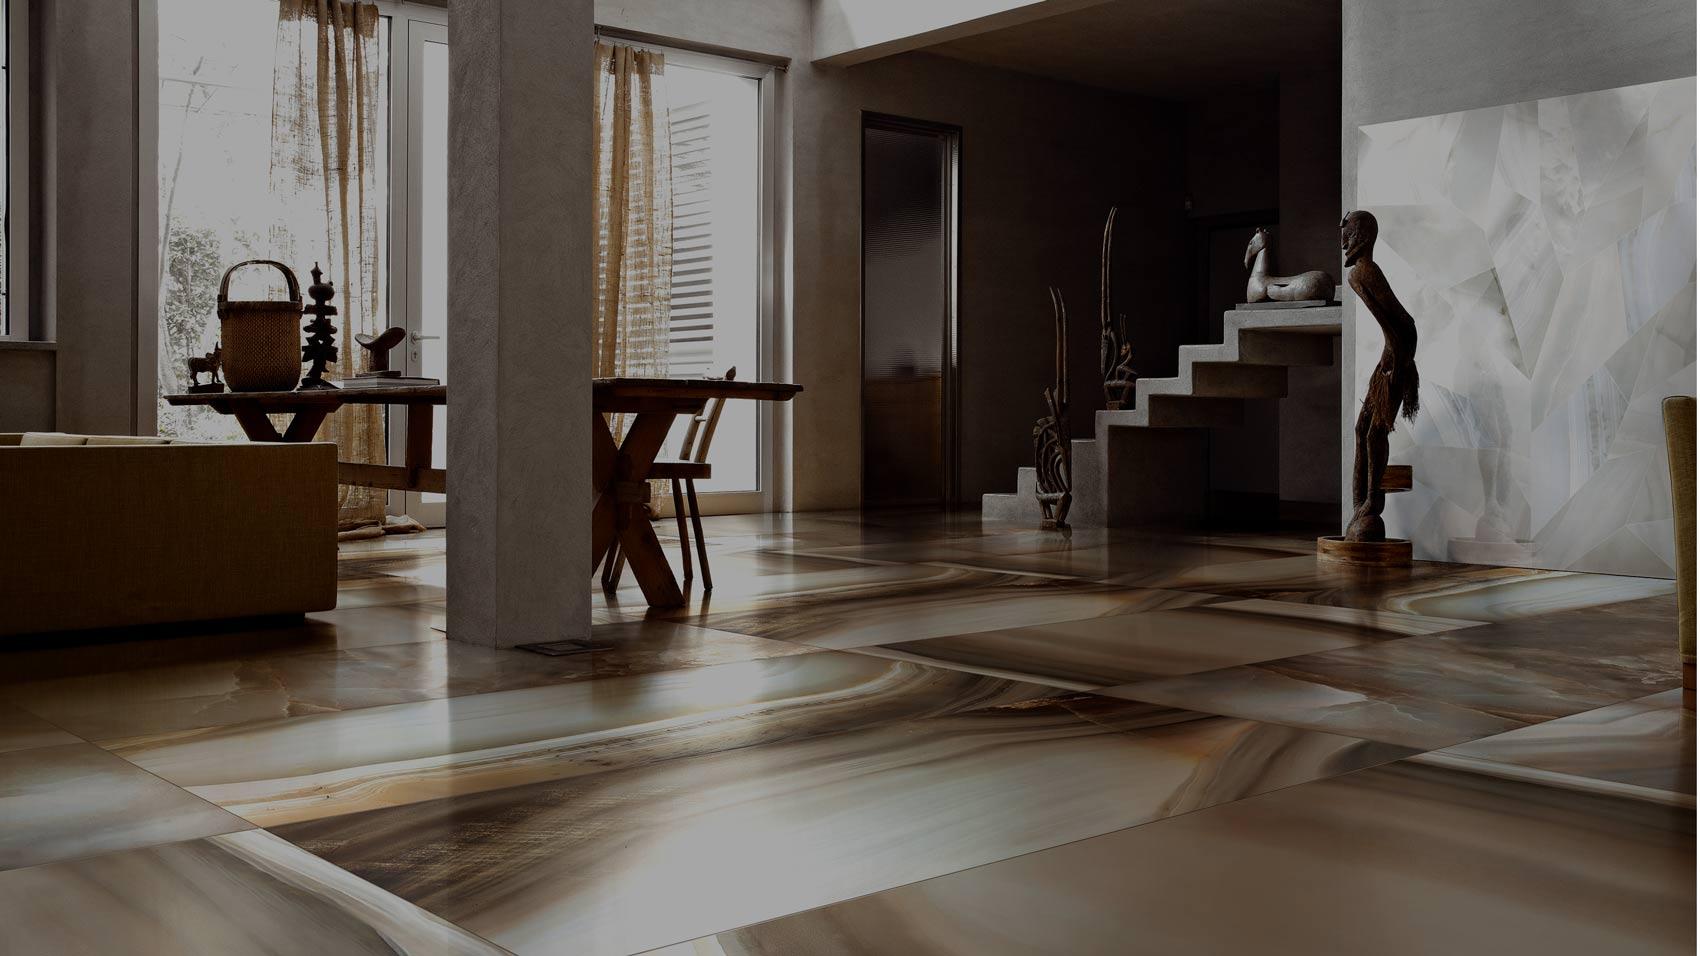 floor rectangular porcelin white floors polished tiles porcelain